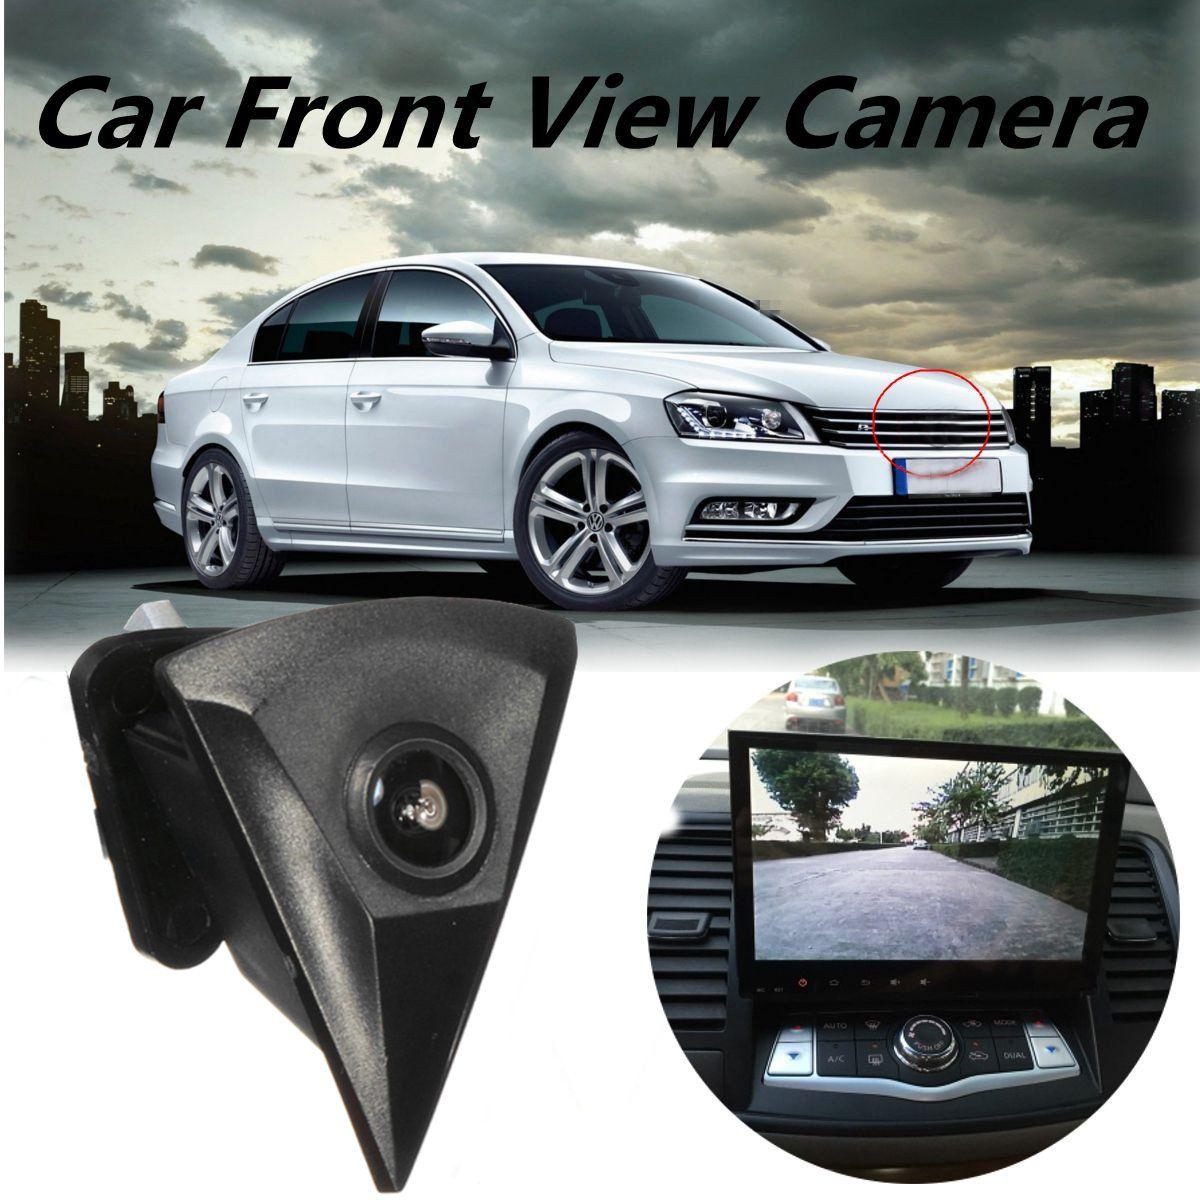 Auto Front View Kamera für Volkswagen GOLF Jetta Touareg Passat für Polo Tiguan Wasserdichte 170 Breite Grad Logo Embedded Für VW